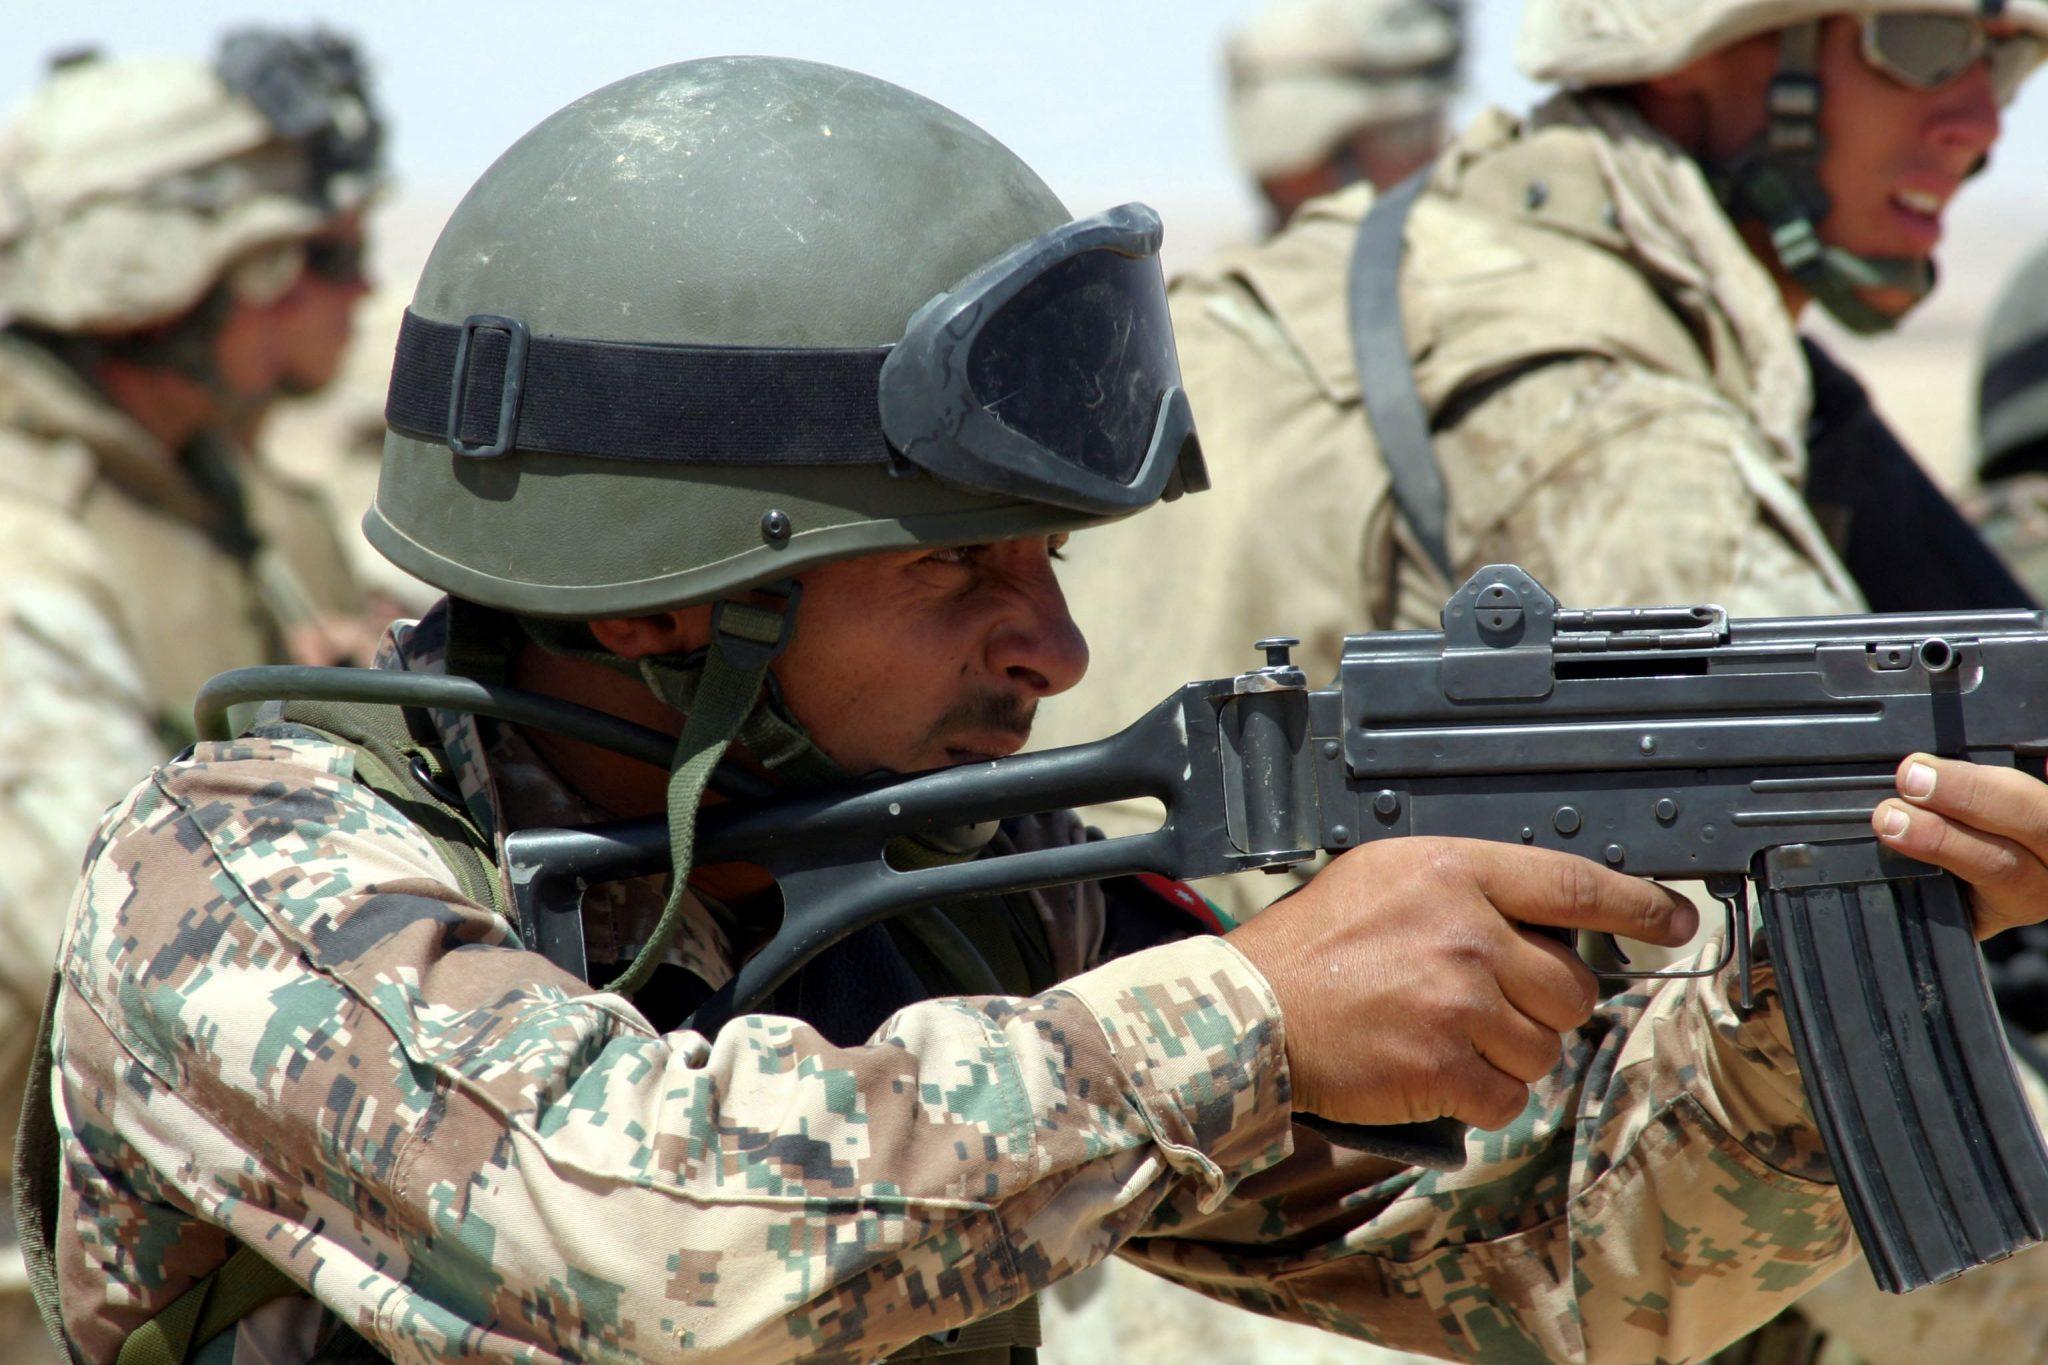 صورة أطاح بهم.. اشـ ـتباك كبير بين الجيش الأردني وحزب الله